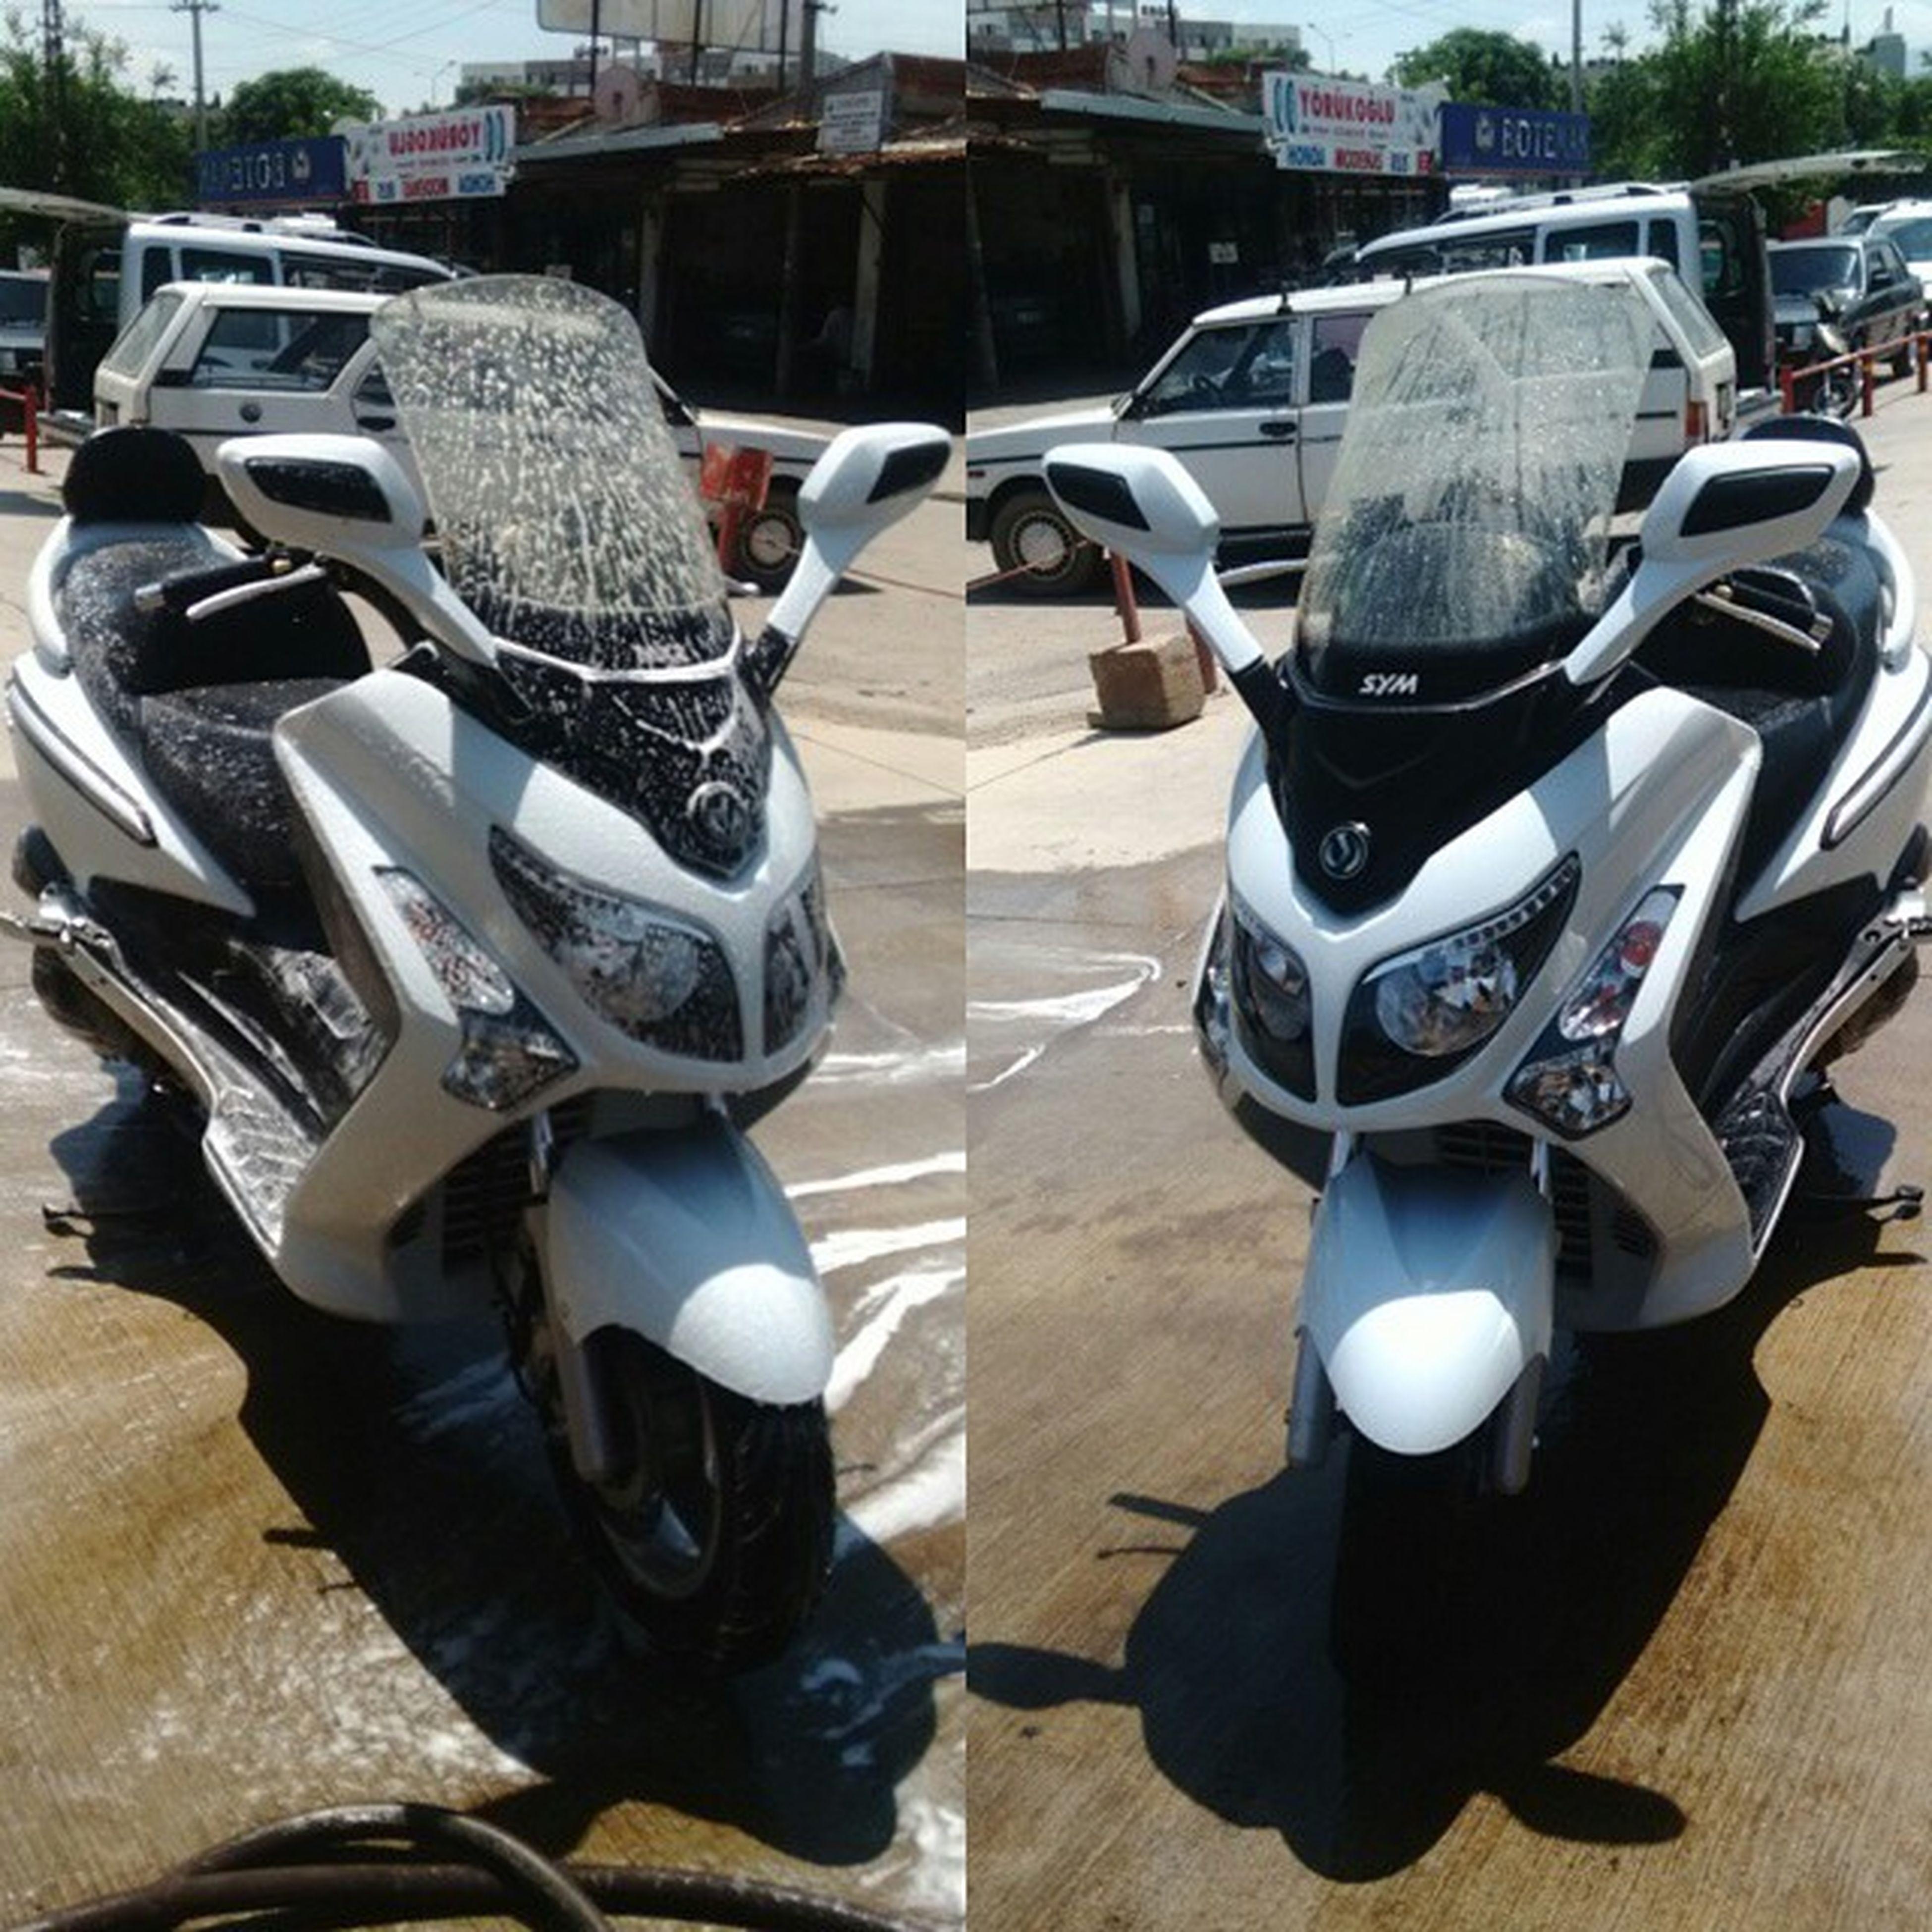 Motobike Motocycle Motosym Sym250ievo oğlumla delirmeceler ;)